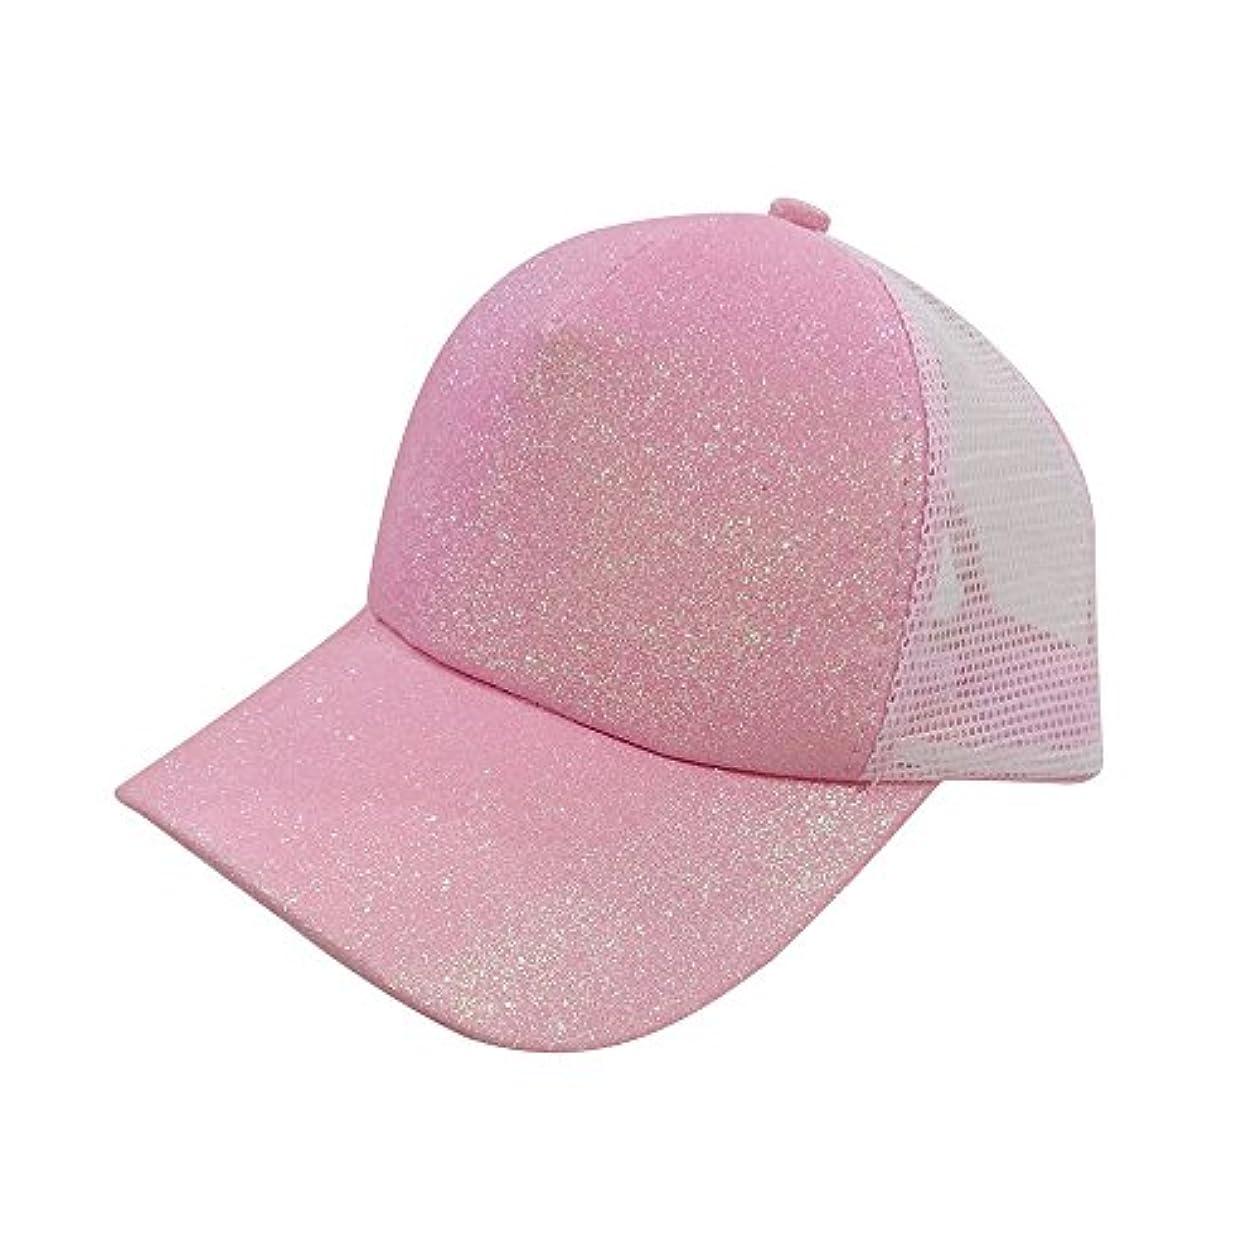 プロポーショナル乳製品非武装化Racazing Cap スパンコール 無地 メッシュ 野球帽 通気性のある ヒップホップ 帽子 夏 登山 可調整可能 棒球帽 男女兼用 UV 帽子 軽量 屋外 Unisex Cap (ピンク)